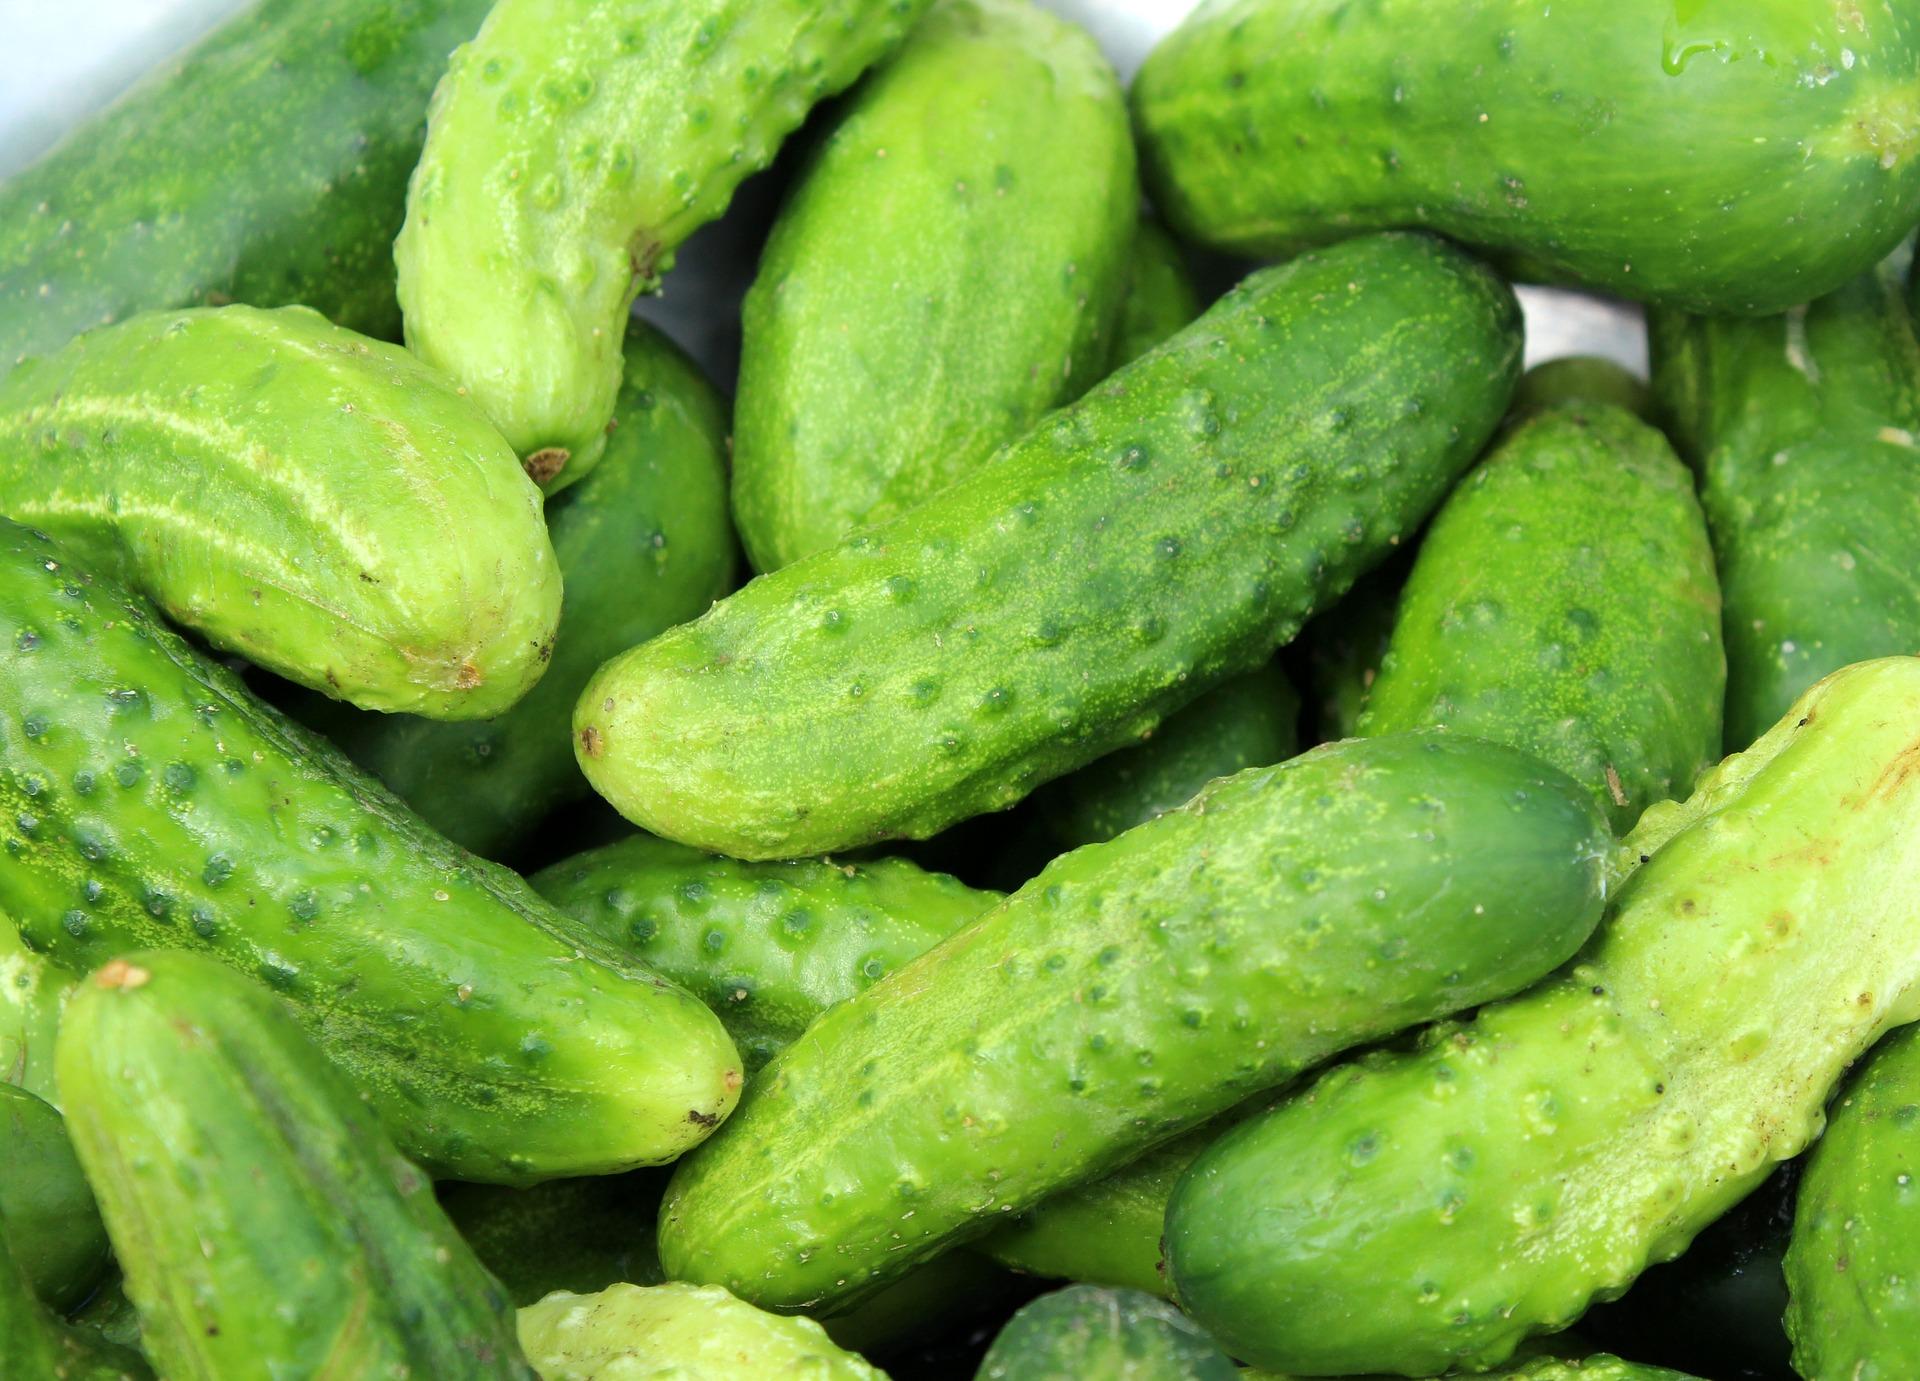 cucumbers-3534185 1920